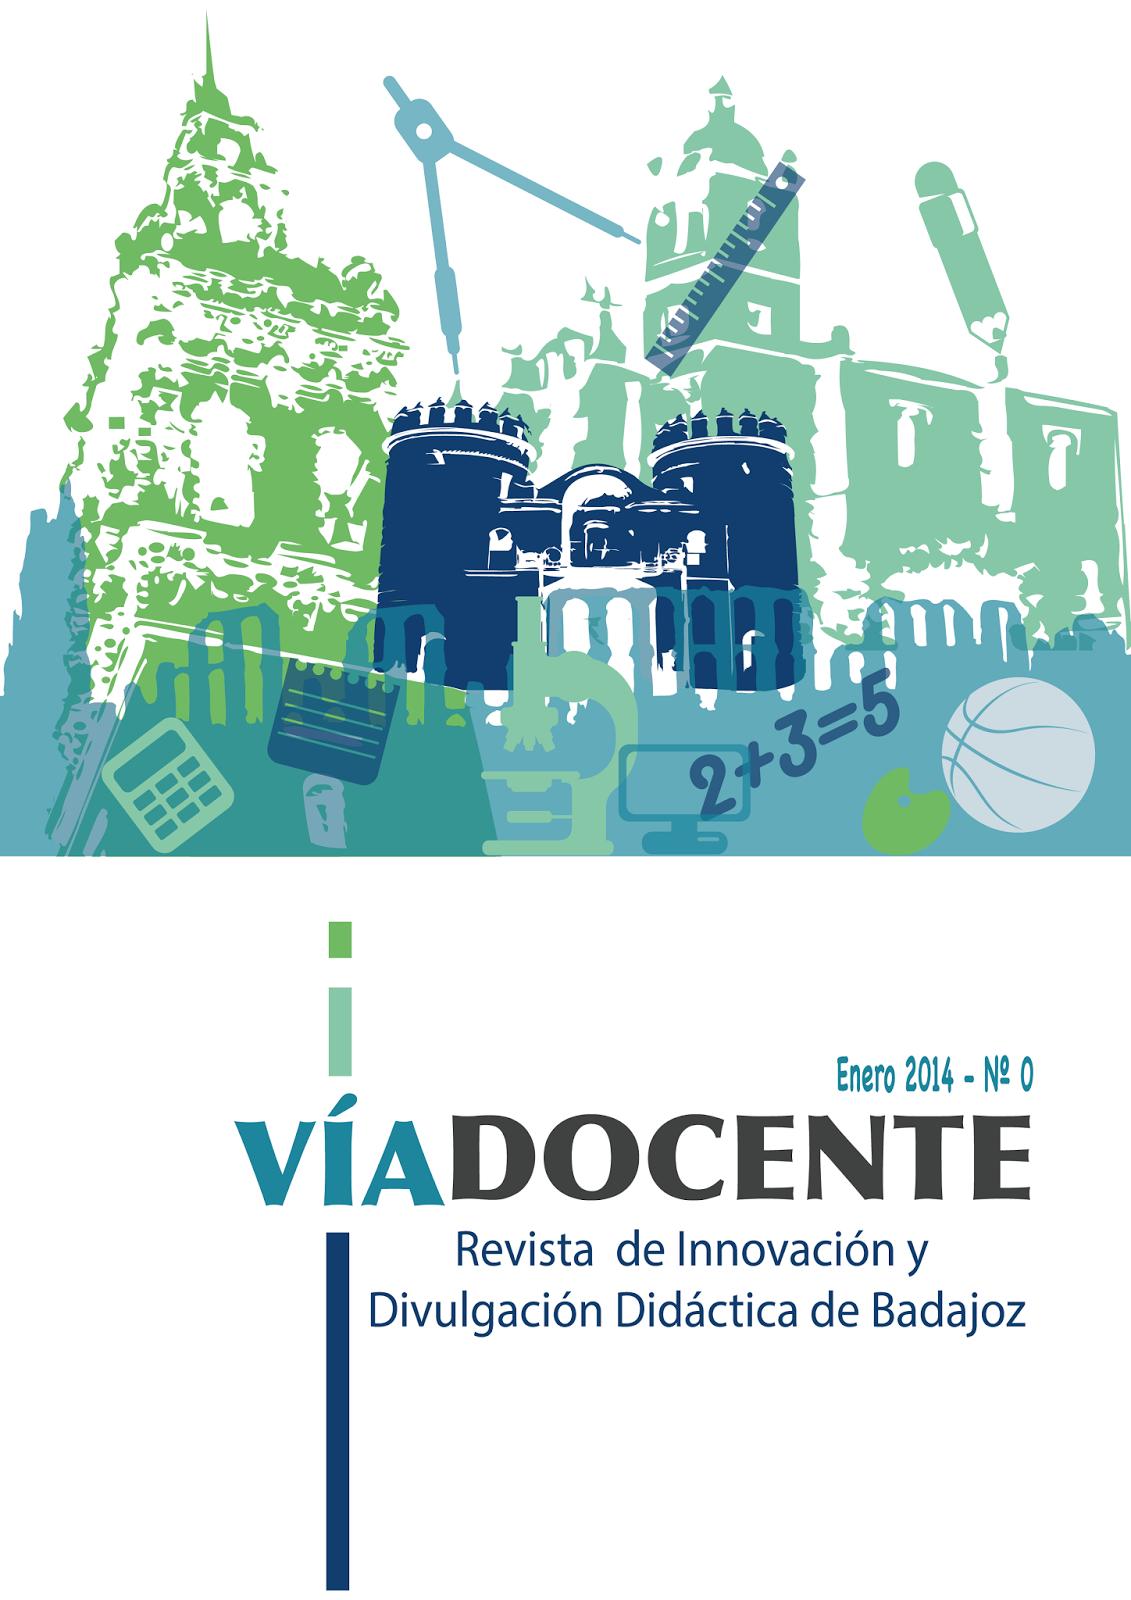 http://viadocente.educarex.es/